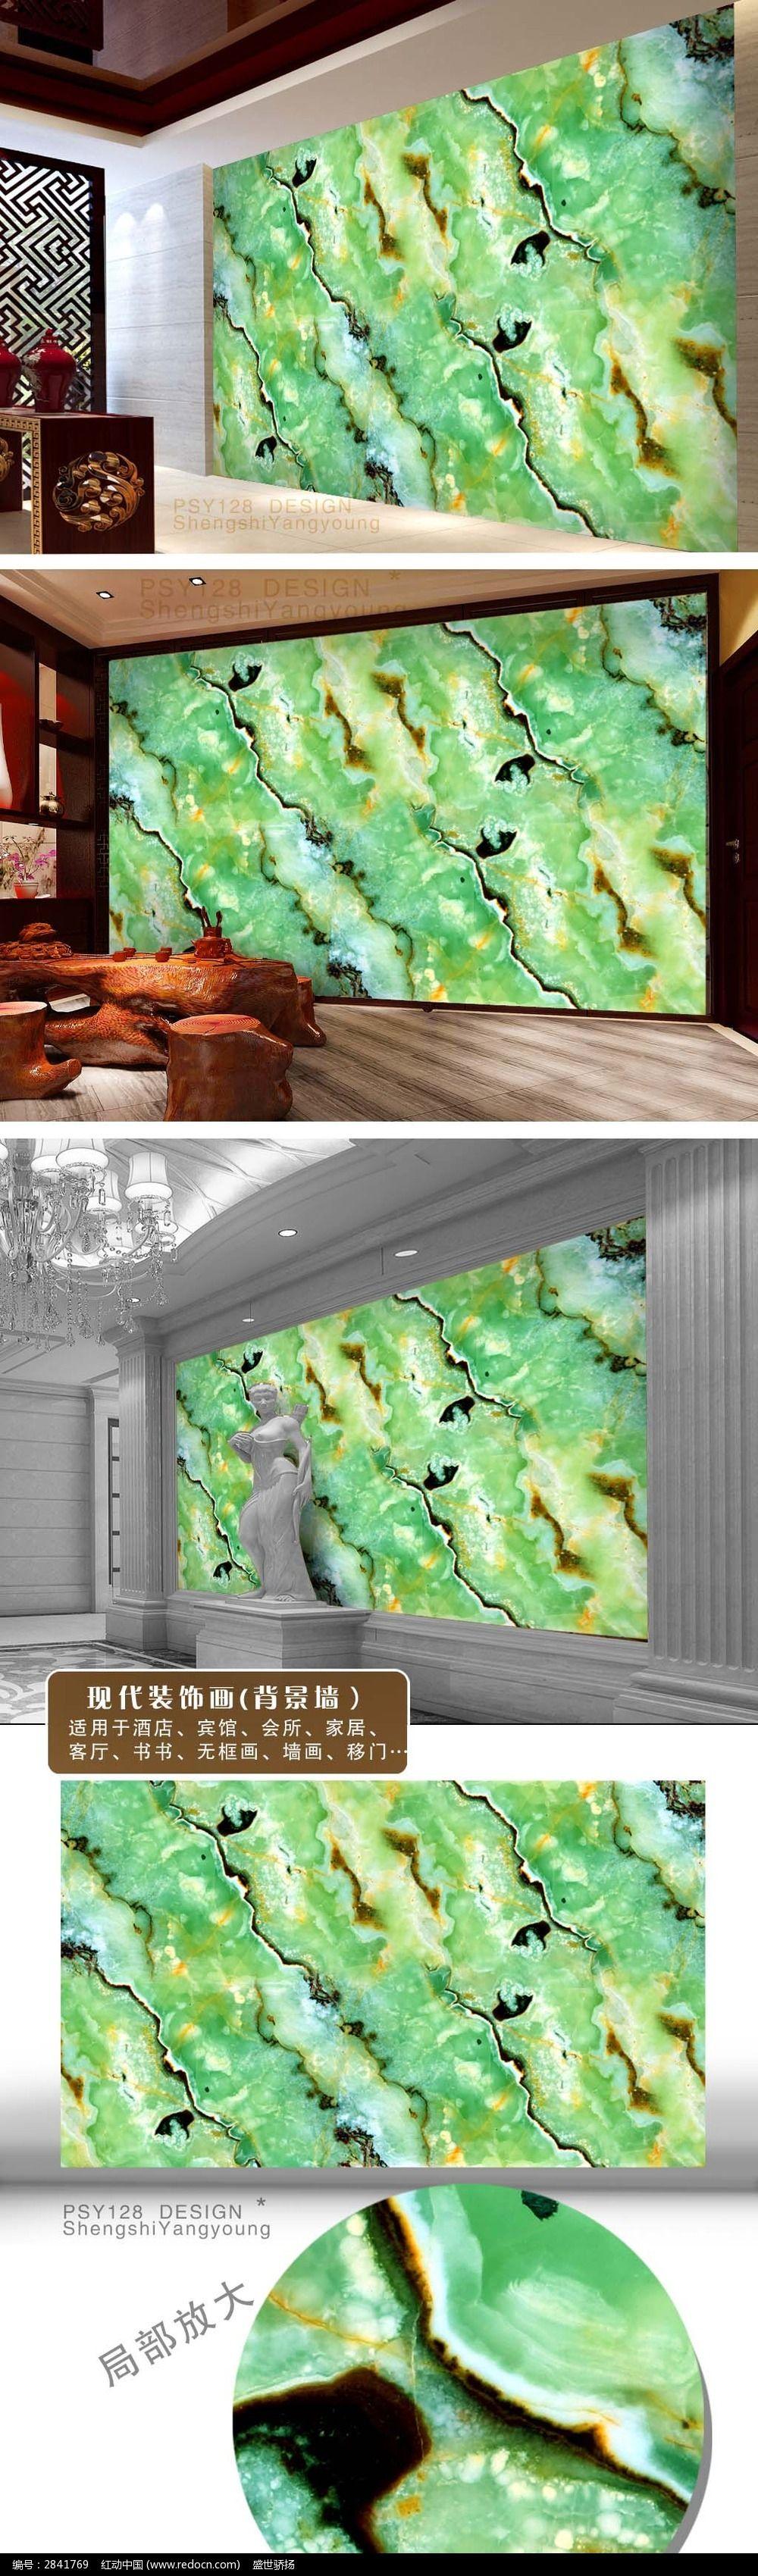 翡翠大理石背景墙素材(tif合层)图片